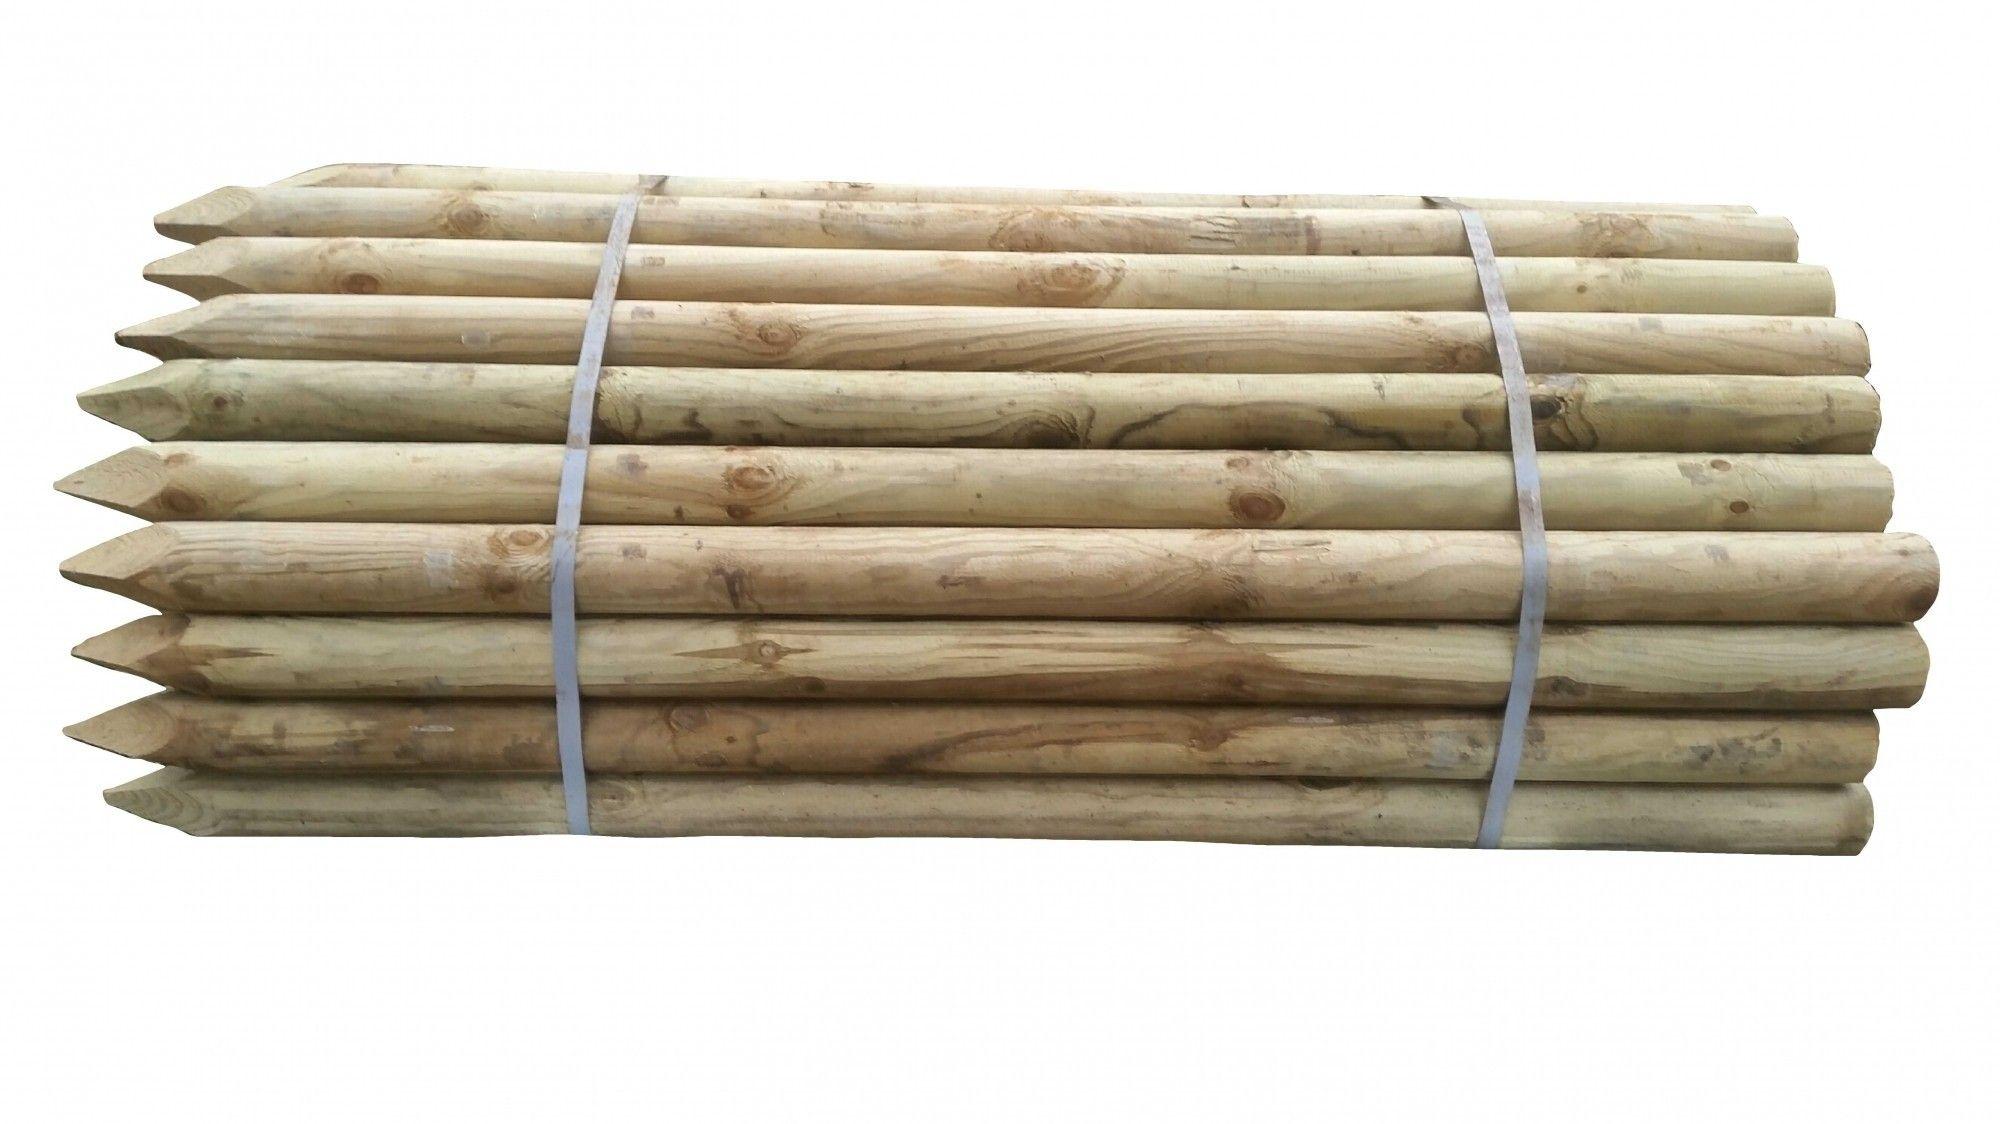 Houten paal Celfix geimpregneerd 160 x 7.5cm rond gefreesd